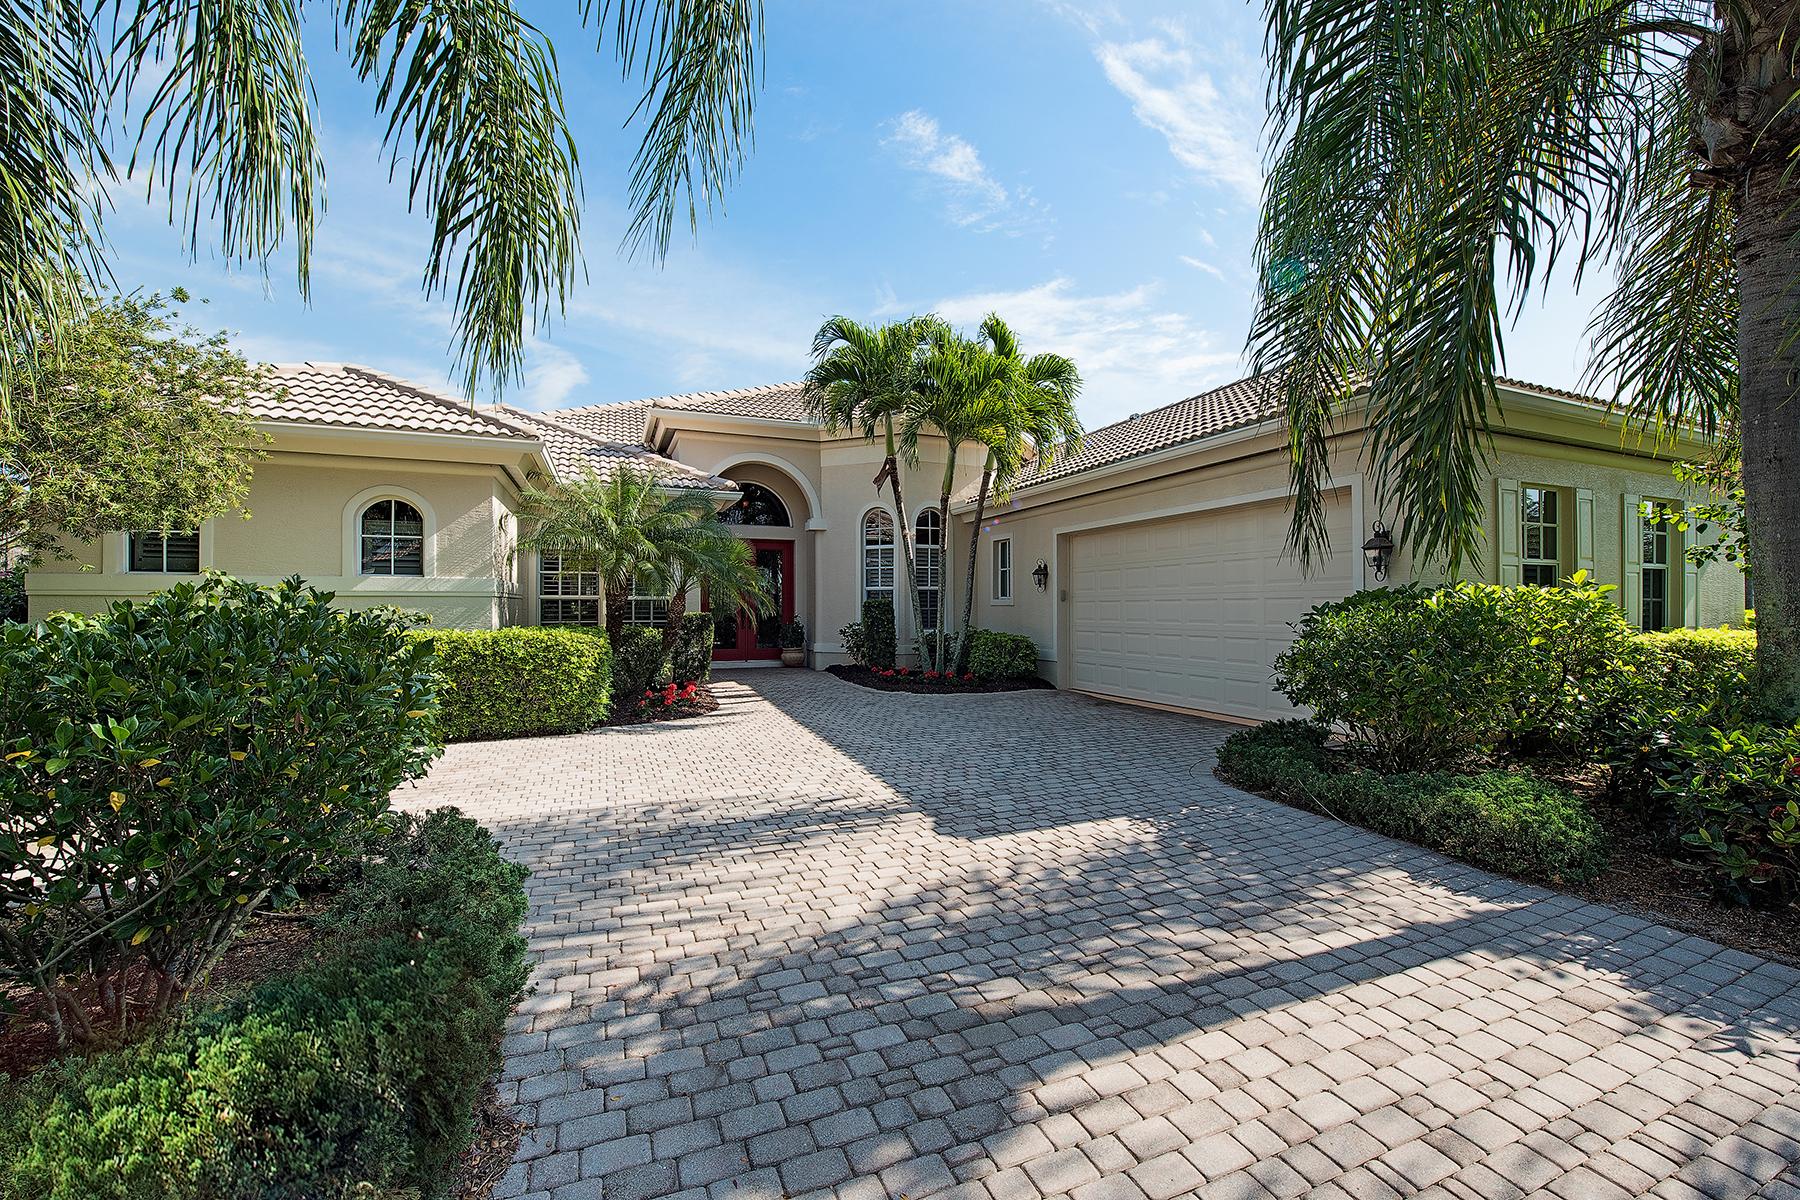 独户住宅 为 销售 在 CEDAR GLEN 9110 Hollow Pine Dr 埃斯特罗, 佛罗里达州 34135 美国